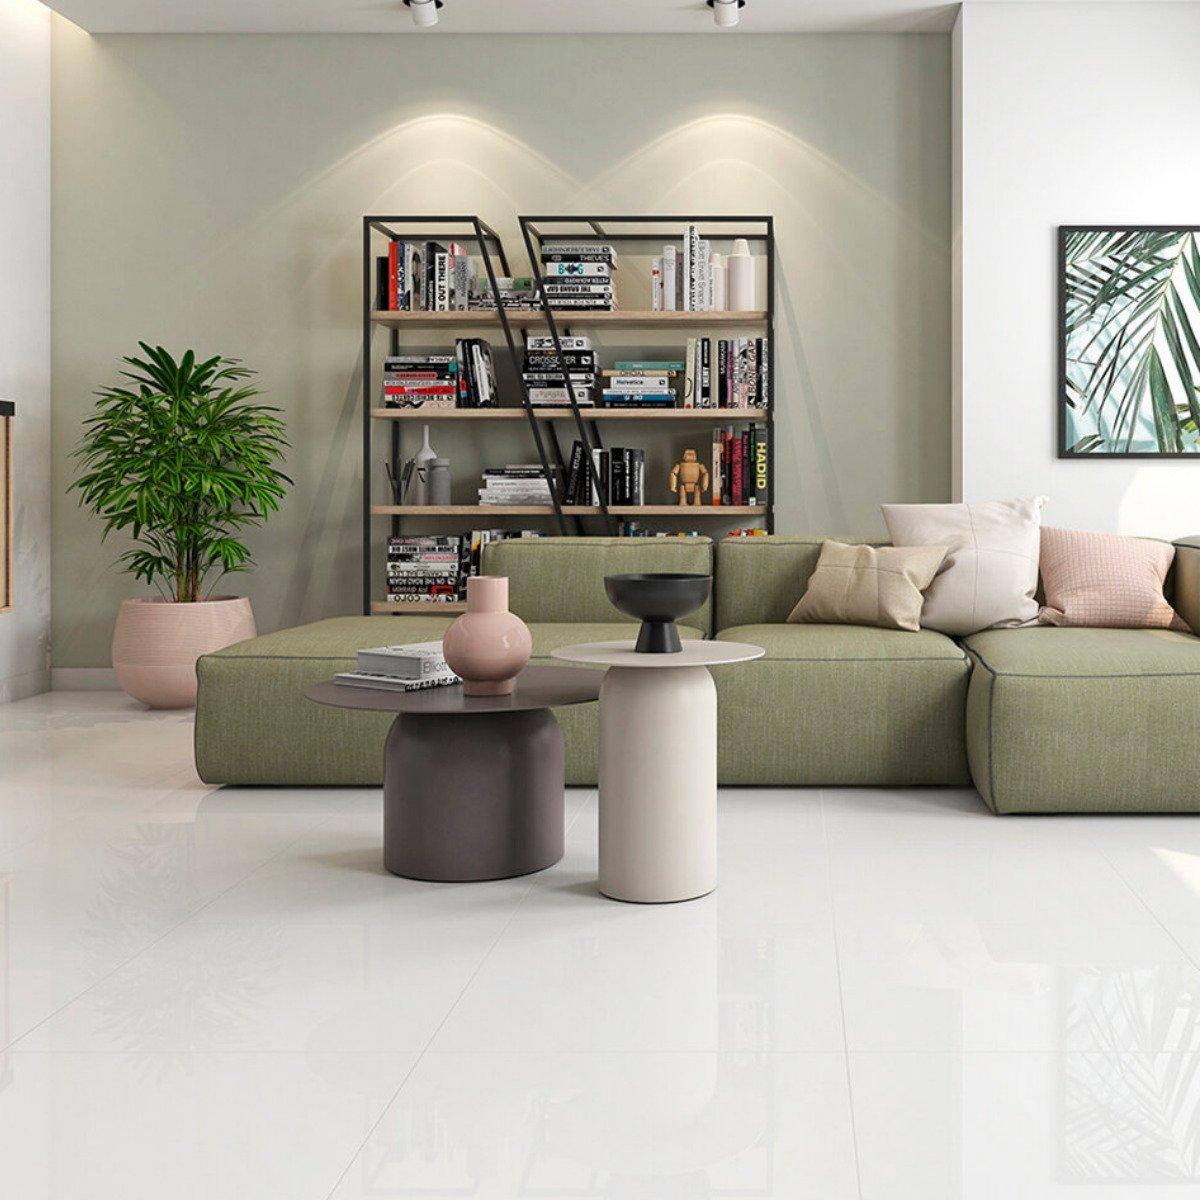 mobili-adatti-per-un-pavimento-bianco-9